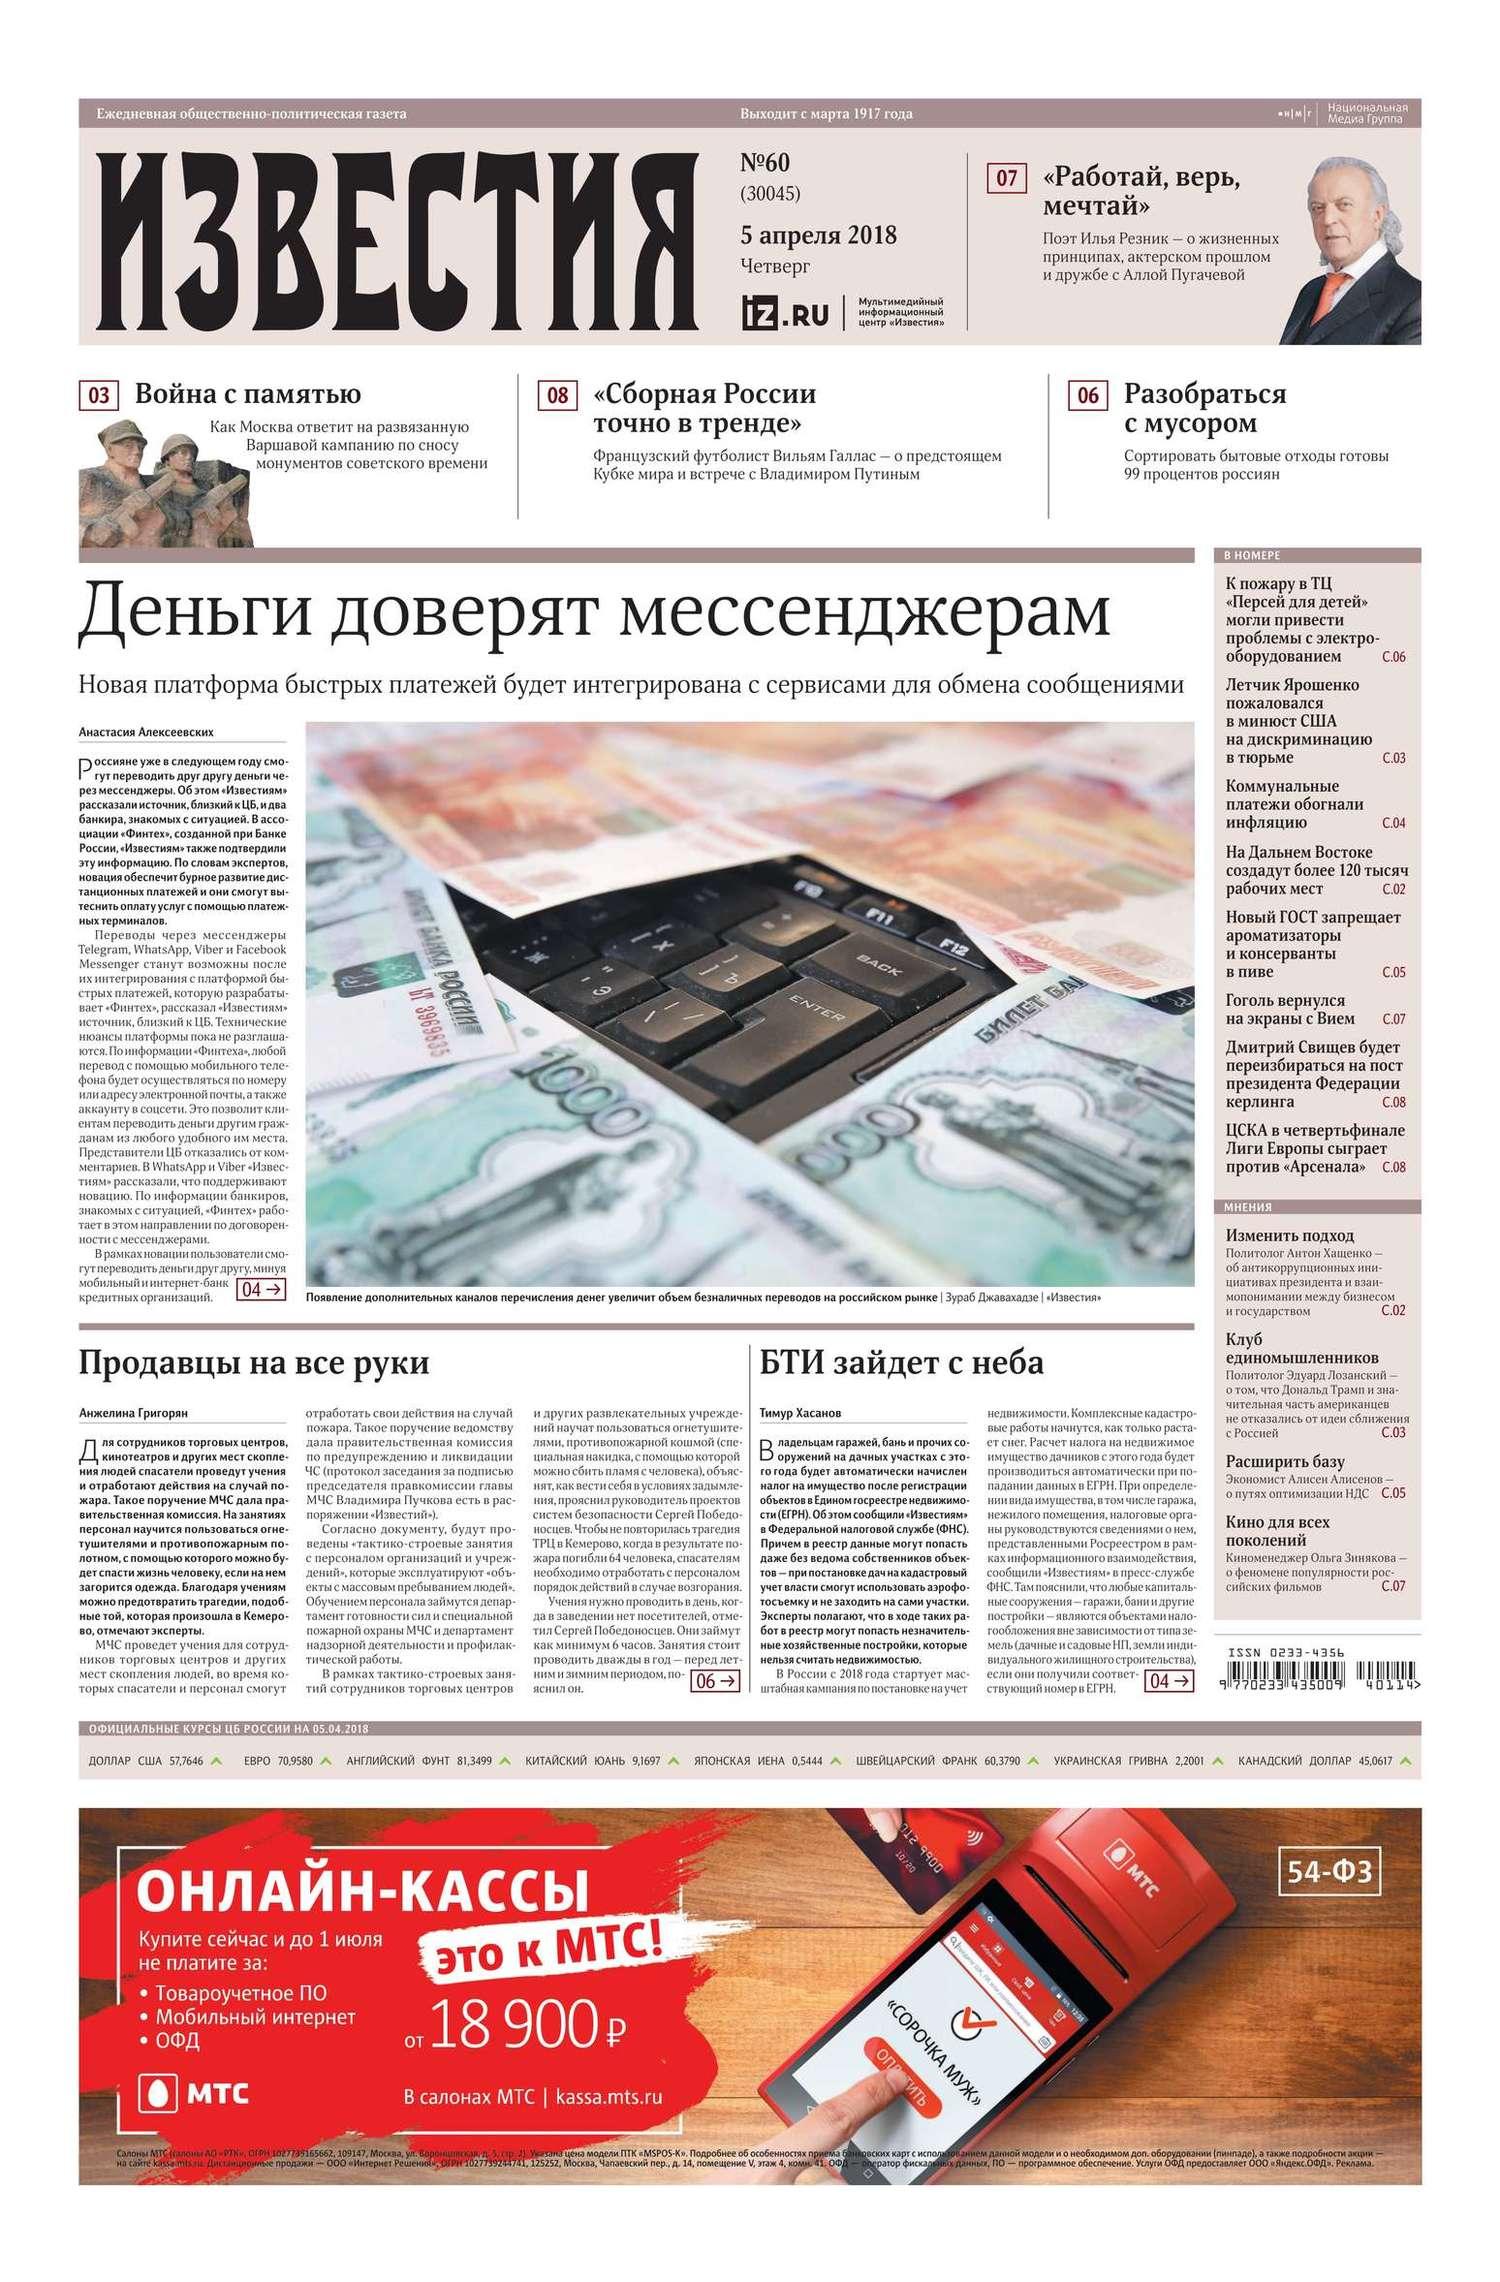 Редакция газеты Известия. Известия 60-2018